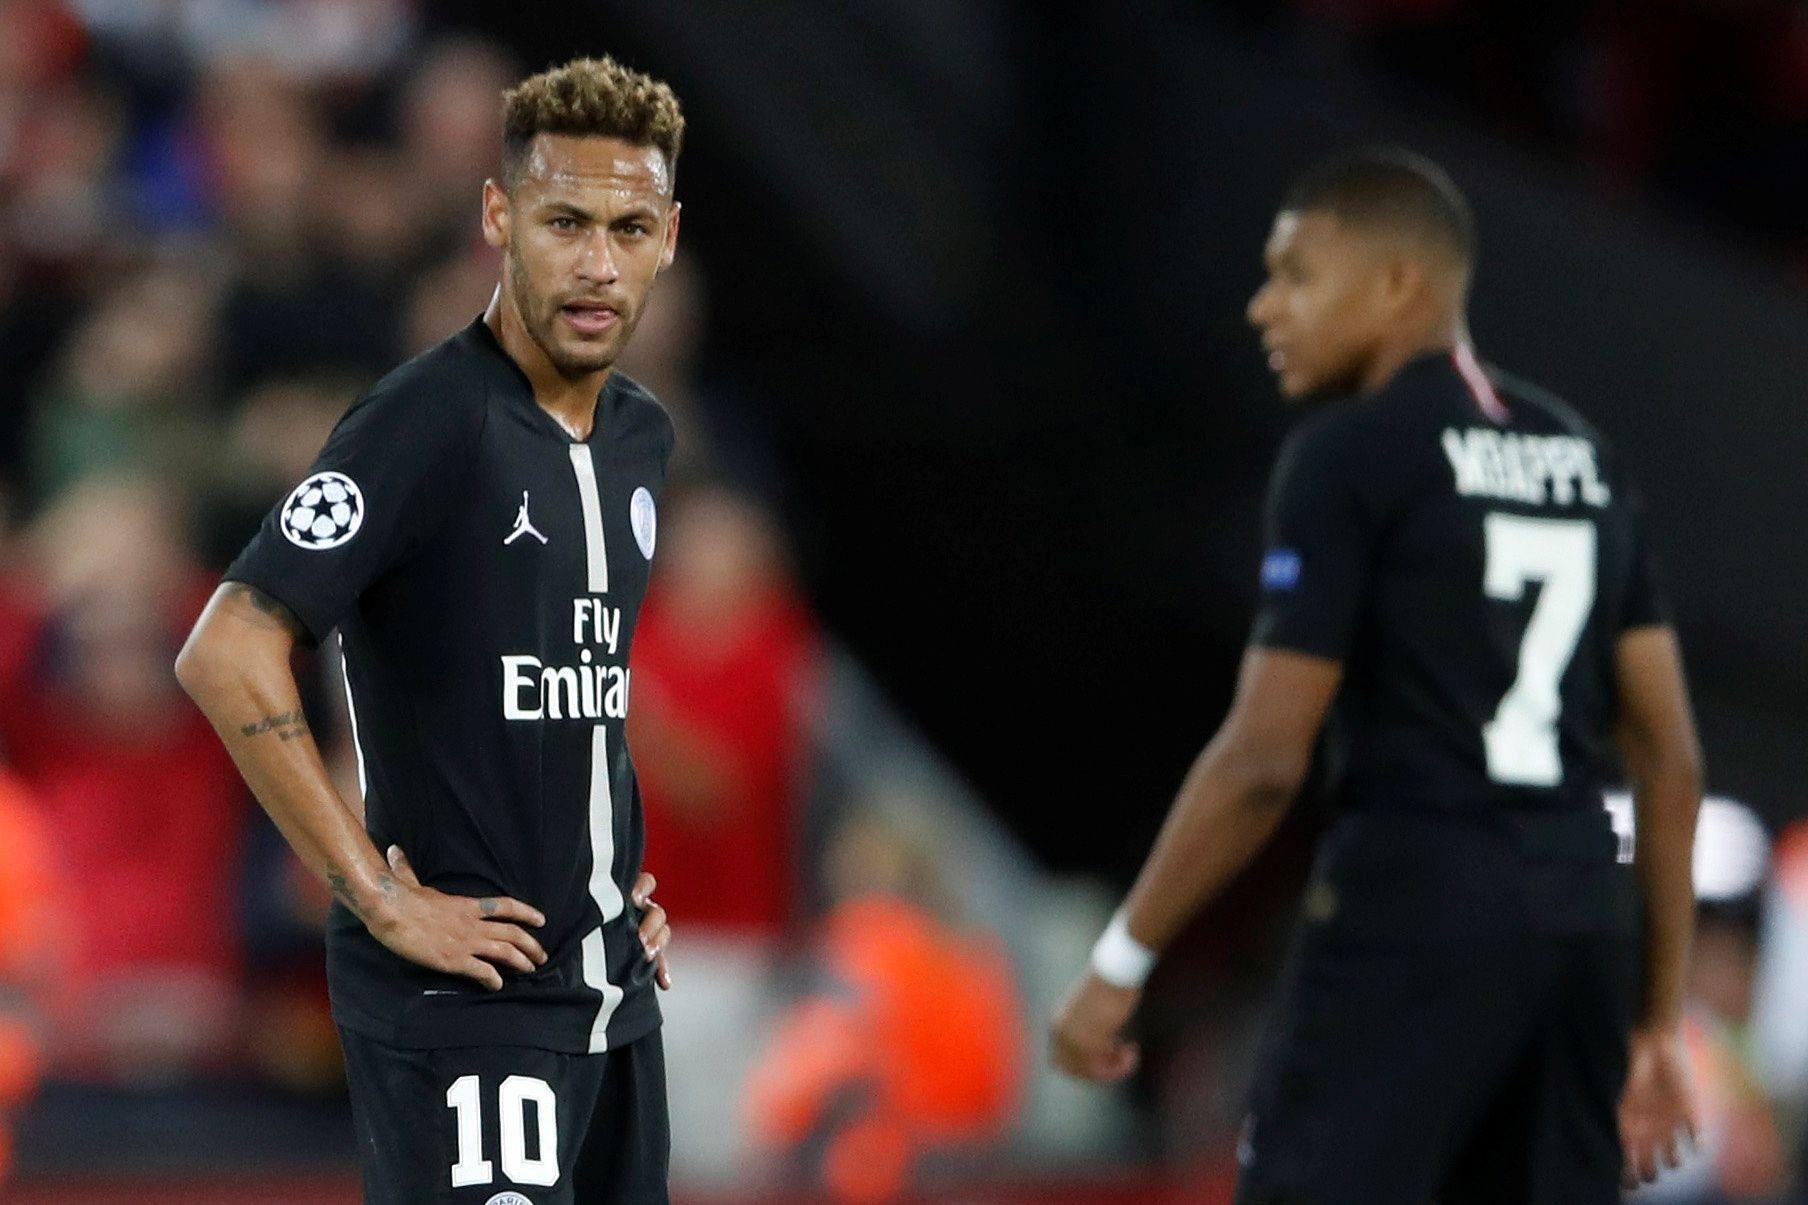 Neymar ou Mbappé de saída? L'Équipe diz que sim, PSG diz que não